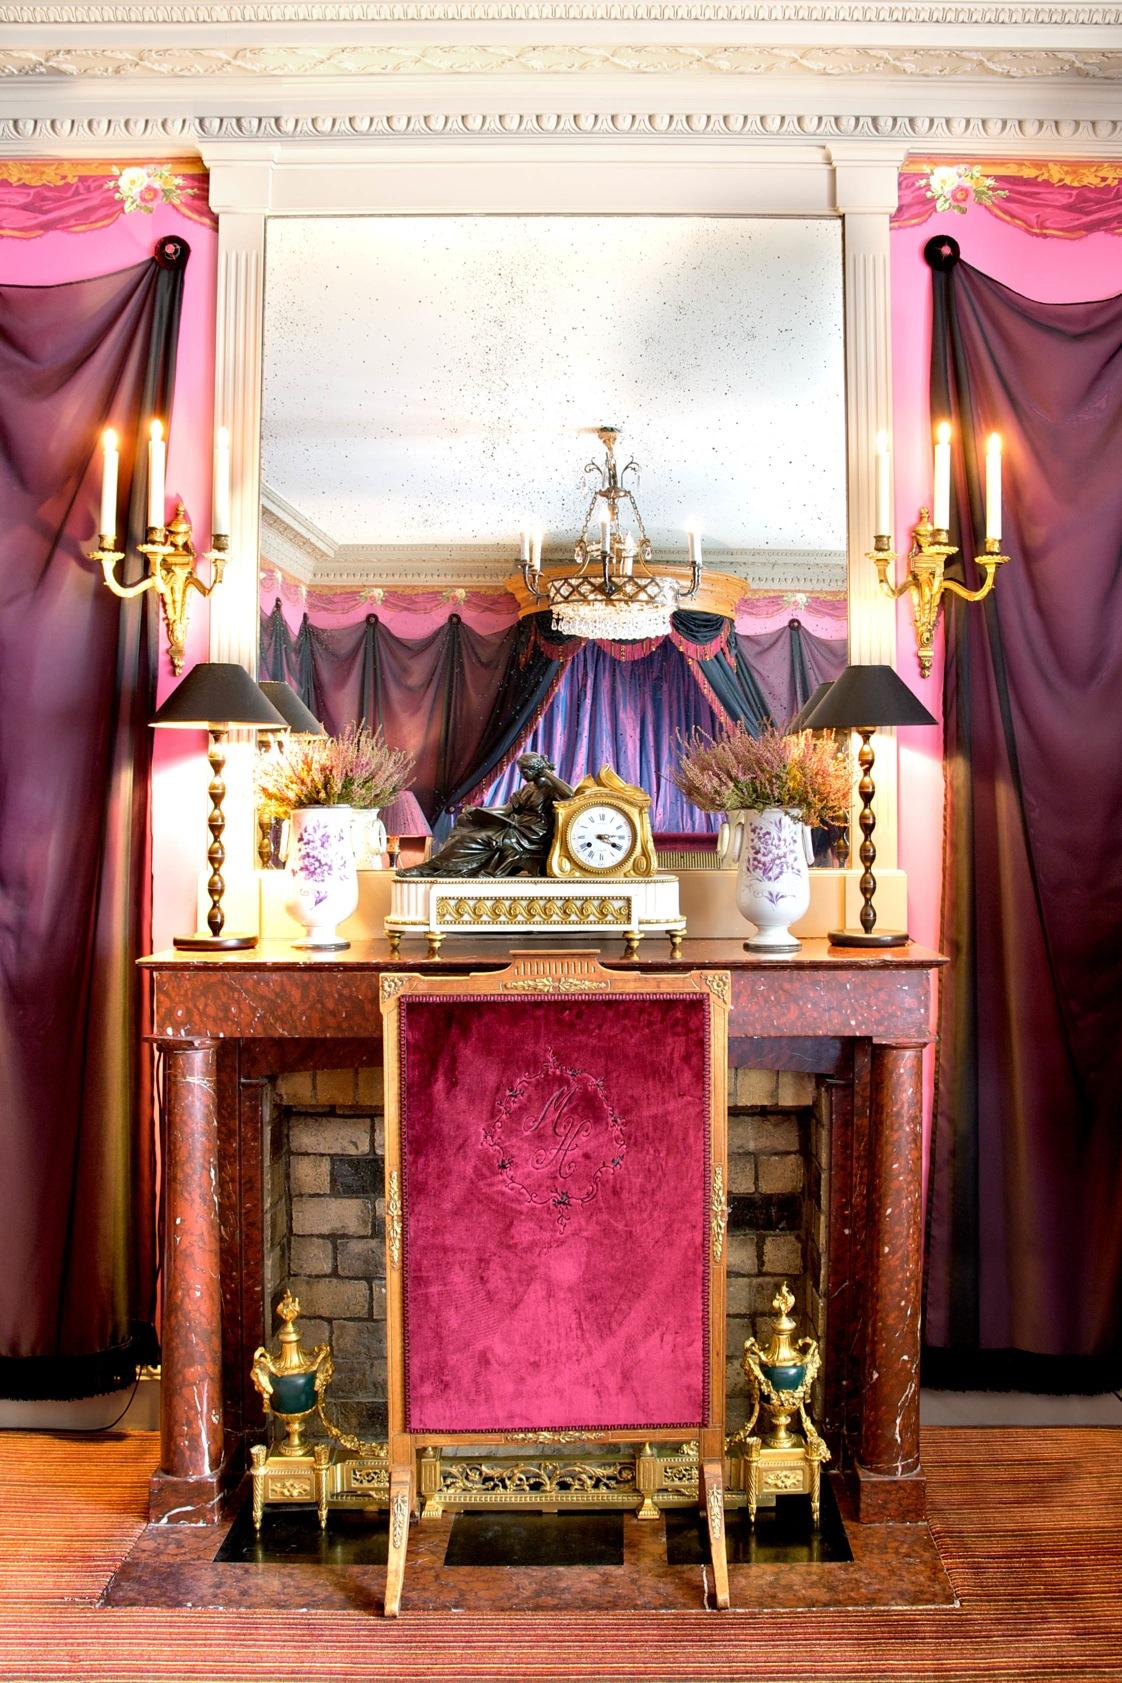 L'Hôtel, 13 rue des Beaux-Arts, 75006 Paris. Chambre pourpre. Réalisation de l'architecte d'intérieur Olivier Berni.